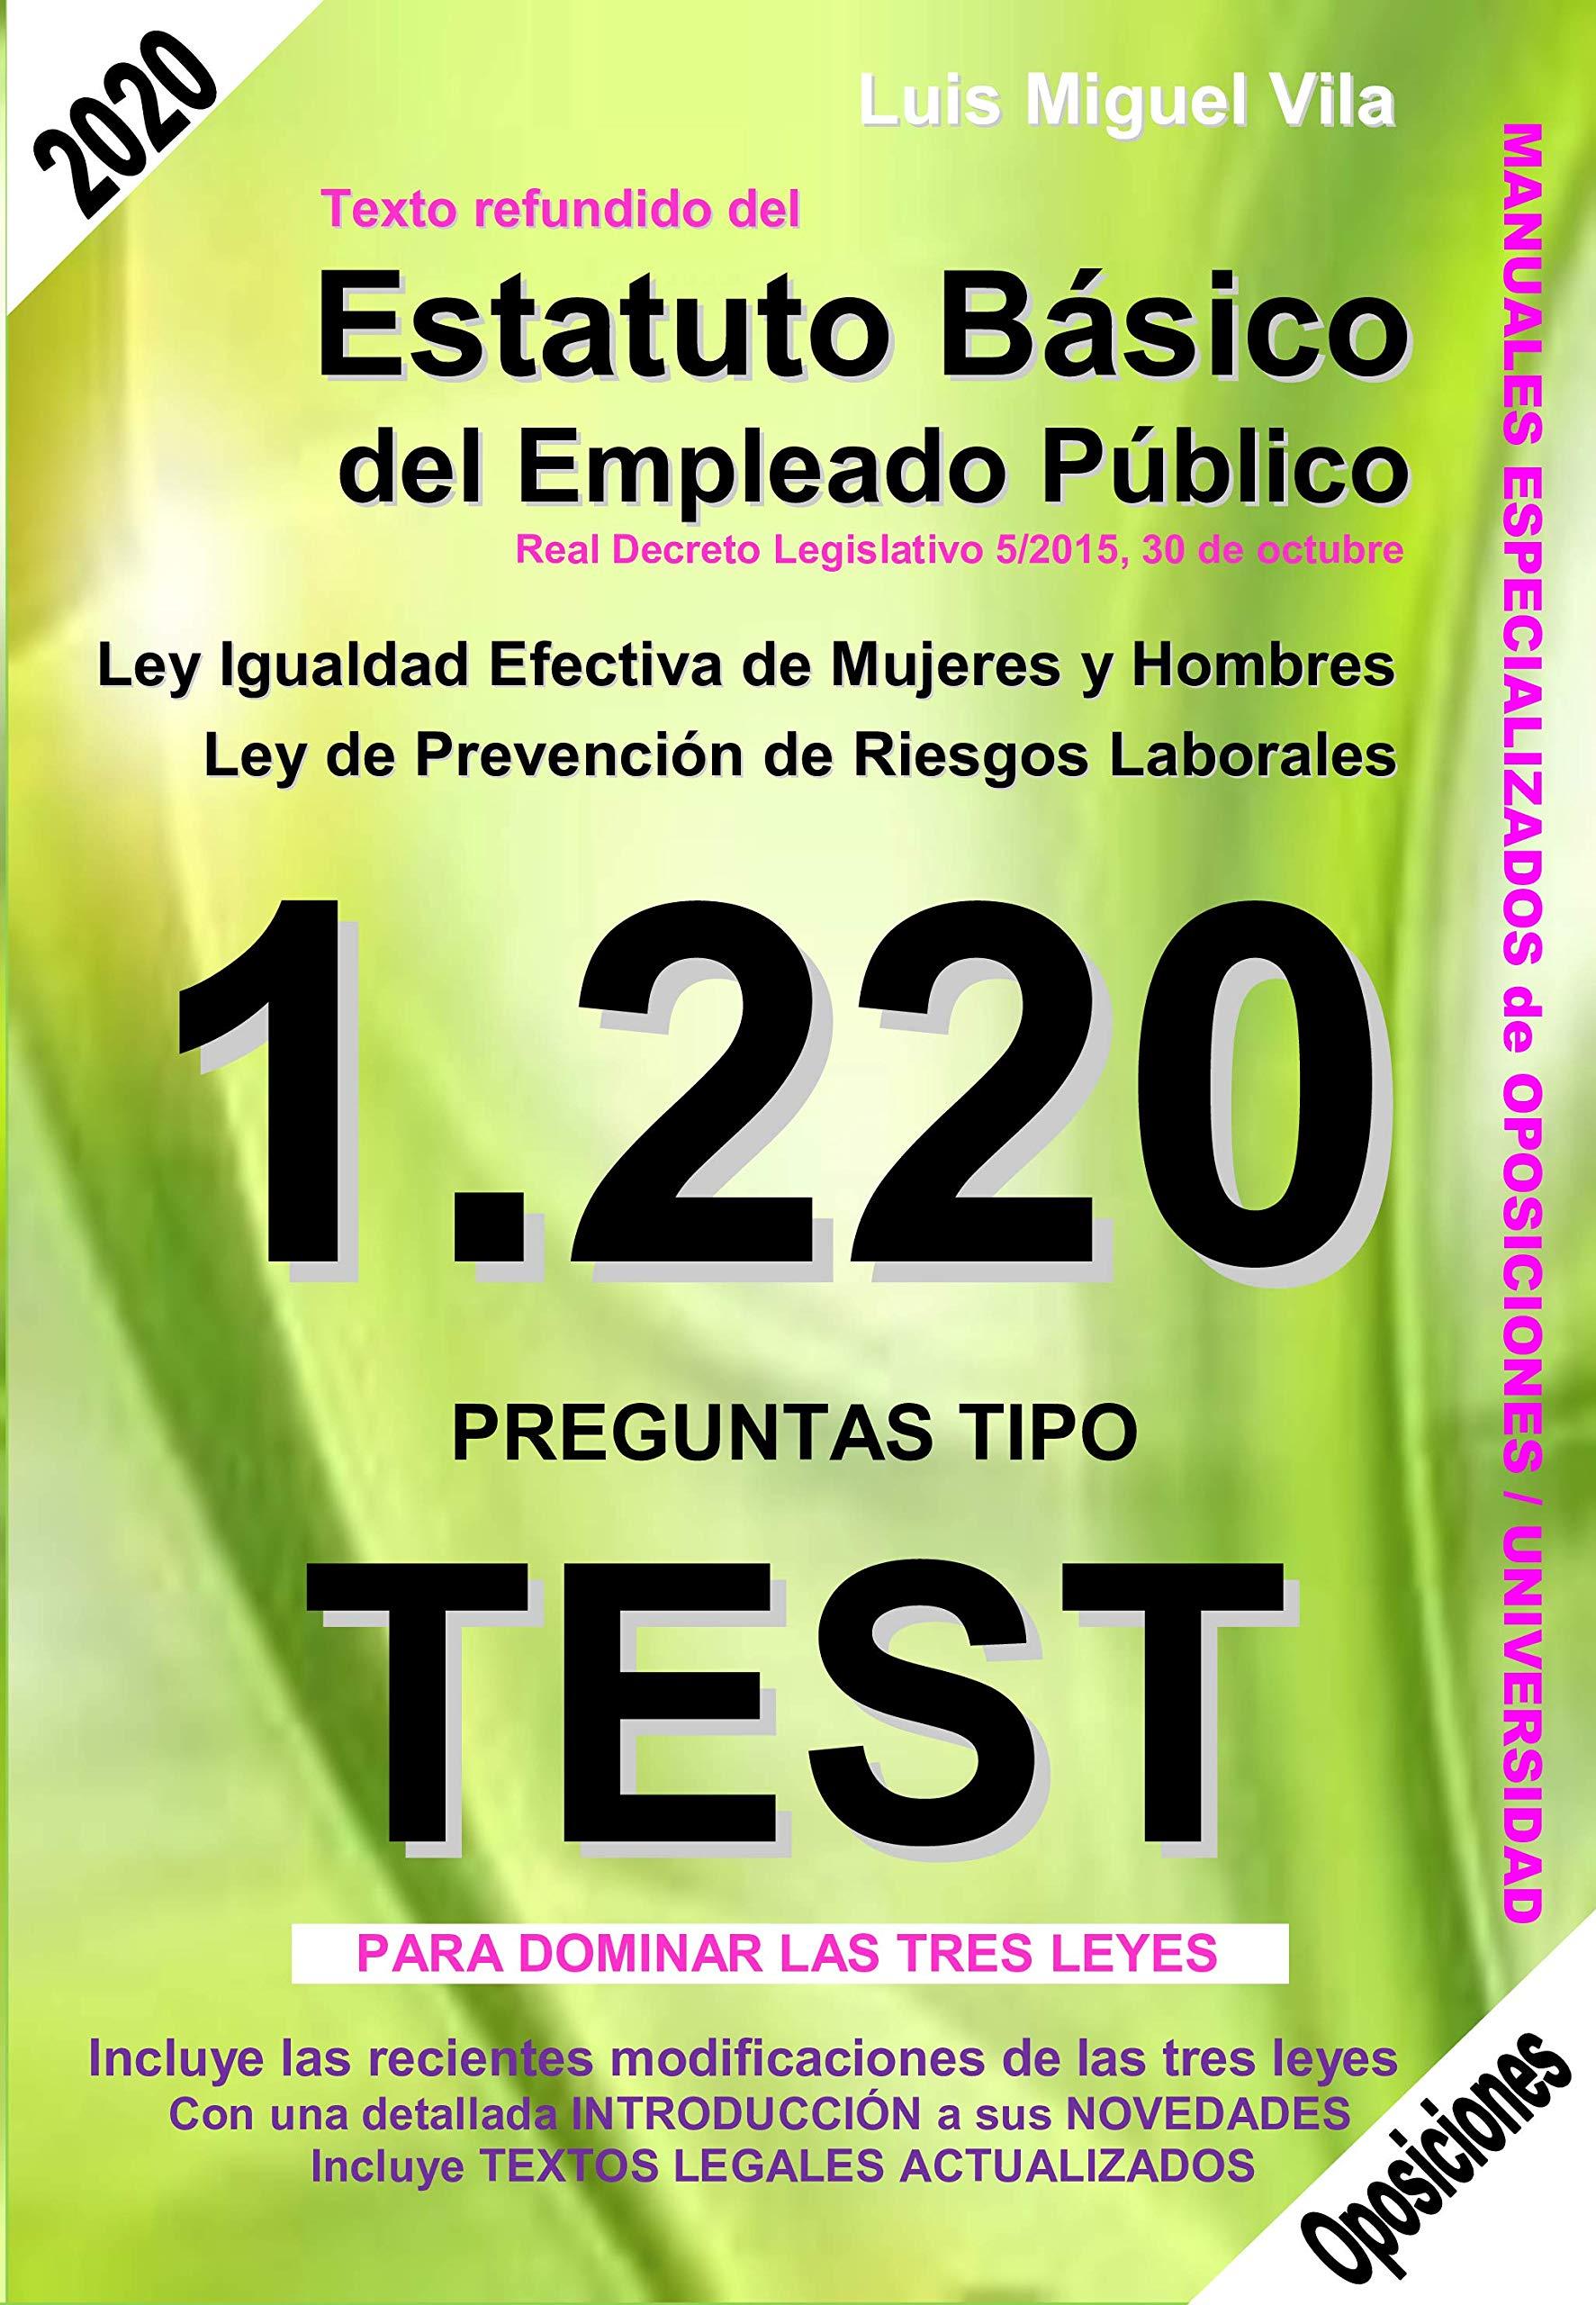 1220 Preguntas Tipo Test Estatuto Básico Del Empleado Público Igualdad Efectiva Mujeres Y Hombres Prevención De Riesgos Laborales Amazon Es Luis Miguel Vila Libros